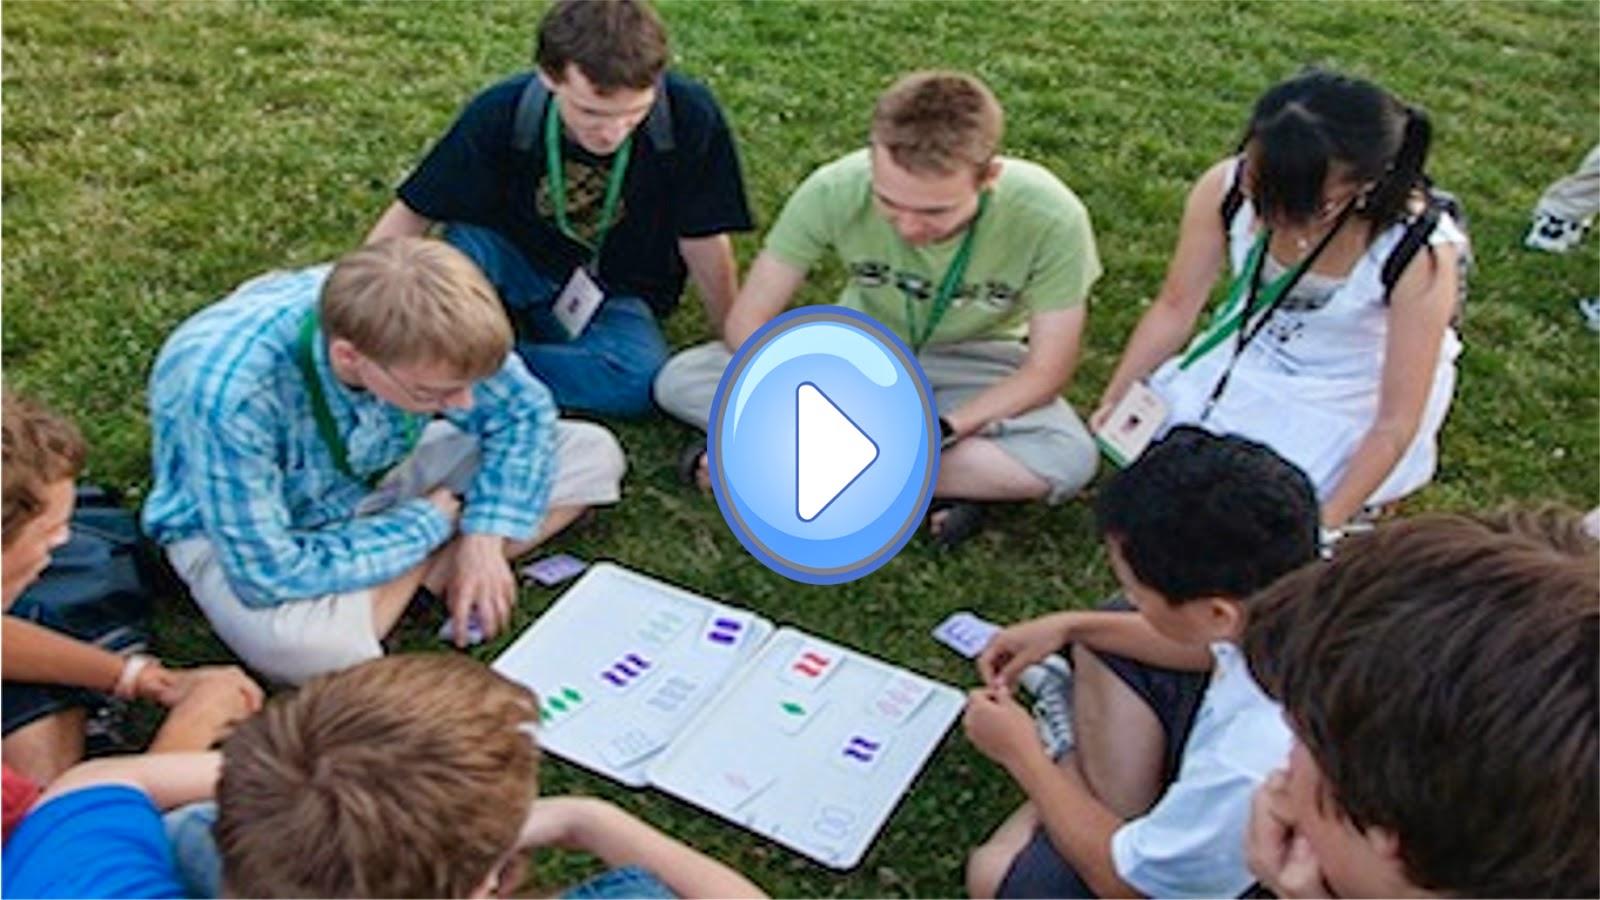 Idea 59 de 1000 ideas de tesis: ¿Cuáles son los cambios con y en Matemáticas, en estudiantes de algún nivel educativo?